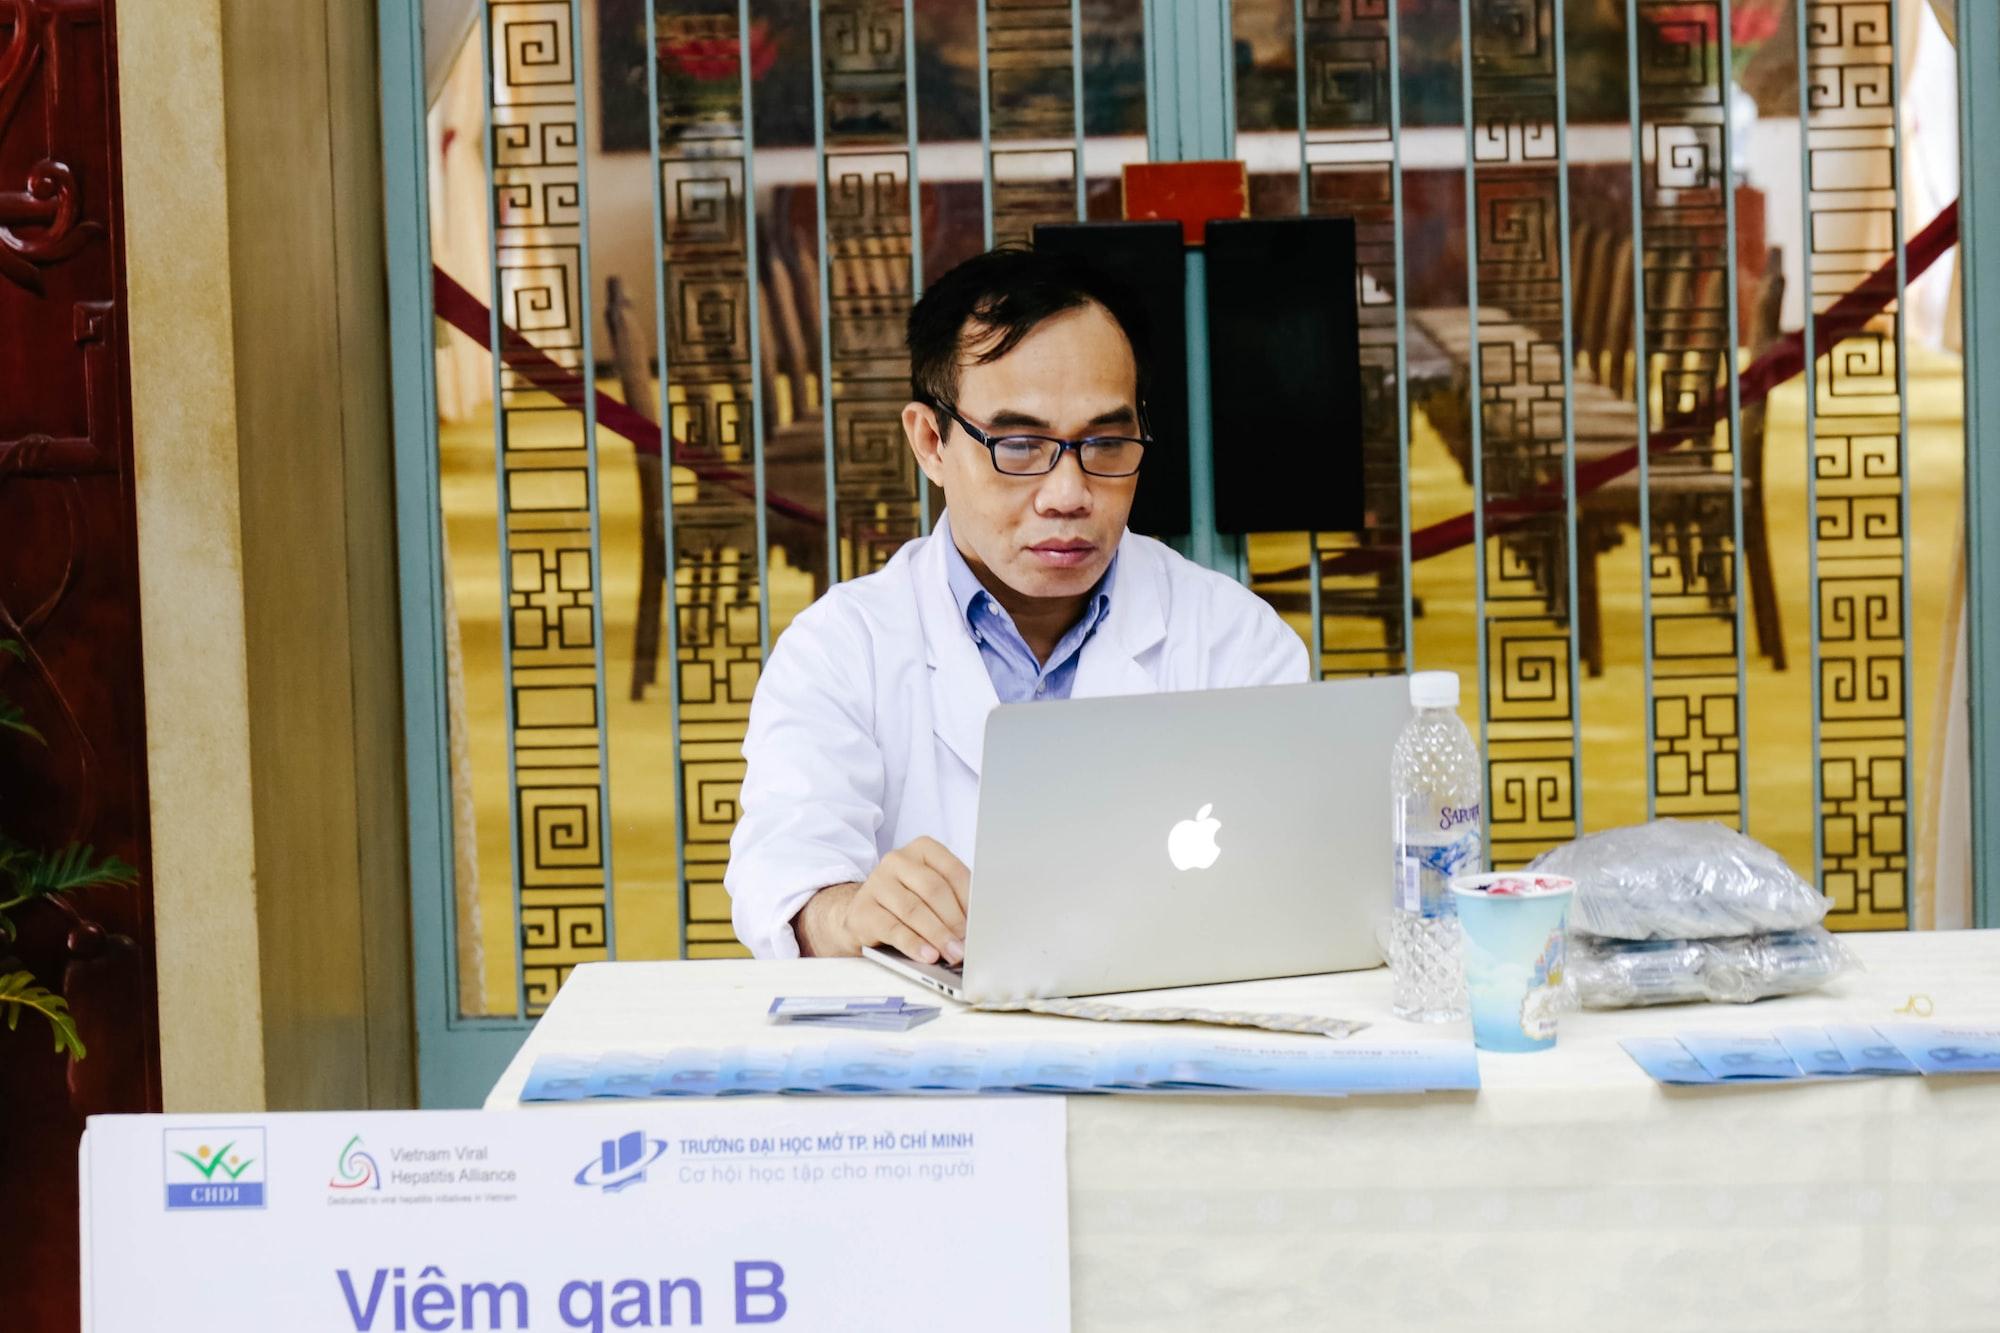 Doctor using laptop for integrated telemedicine platform.